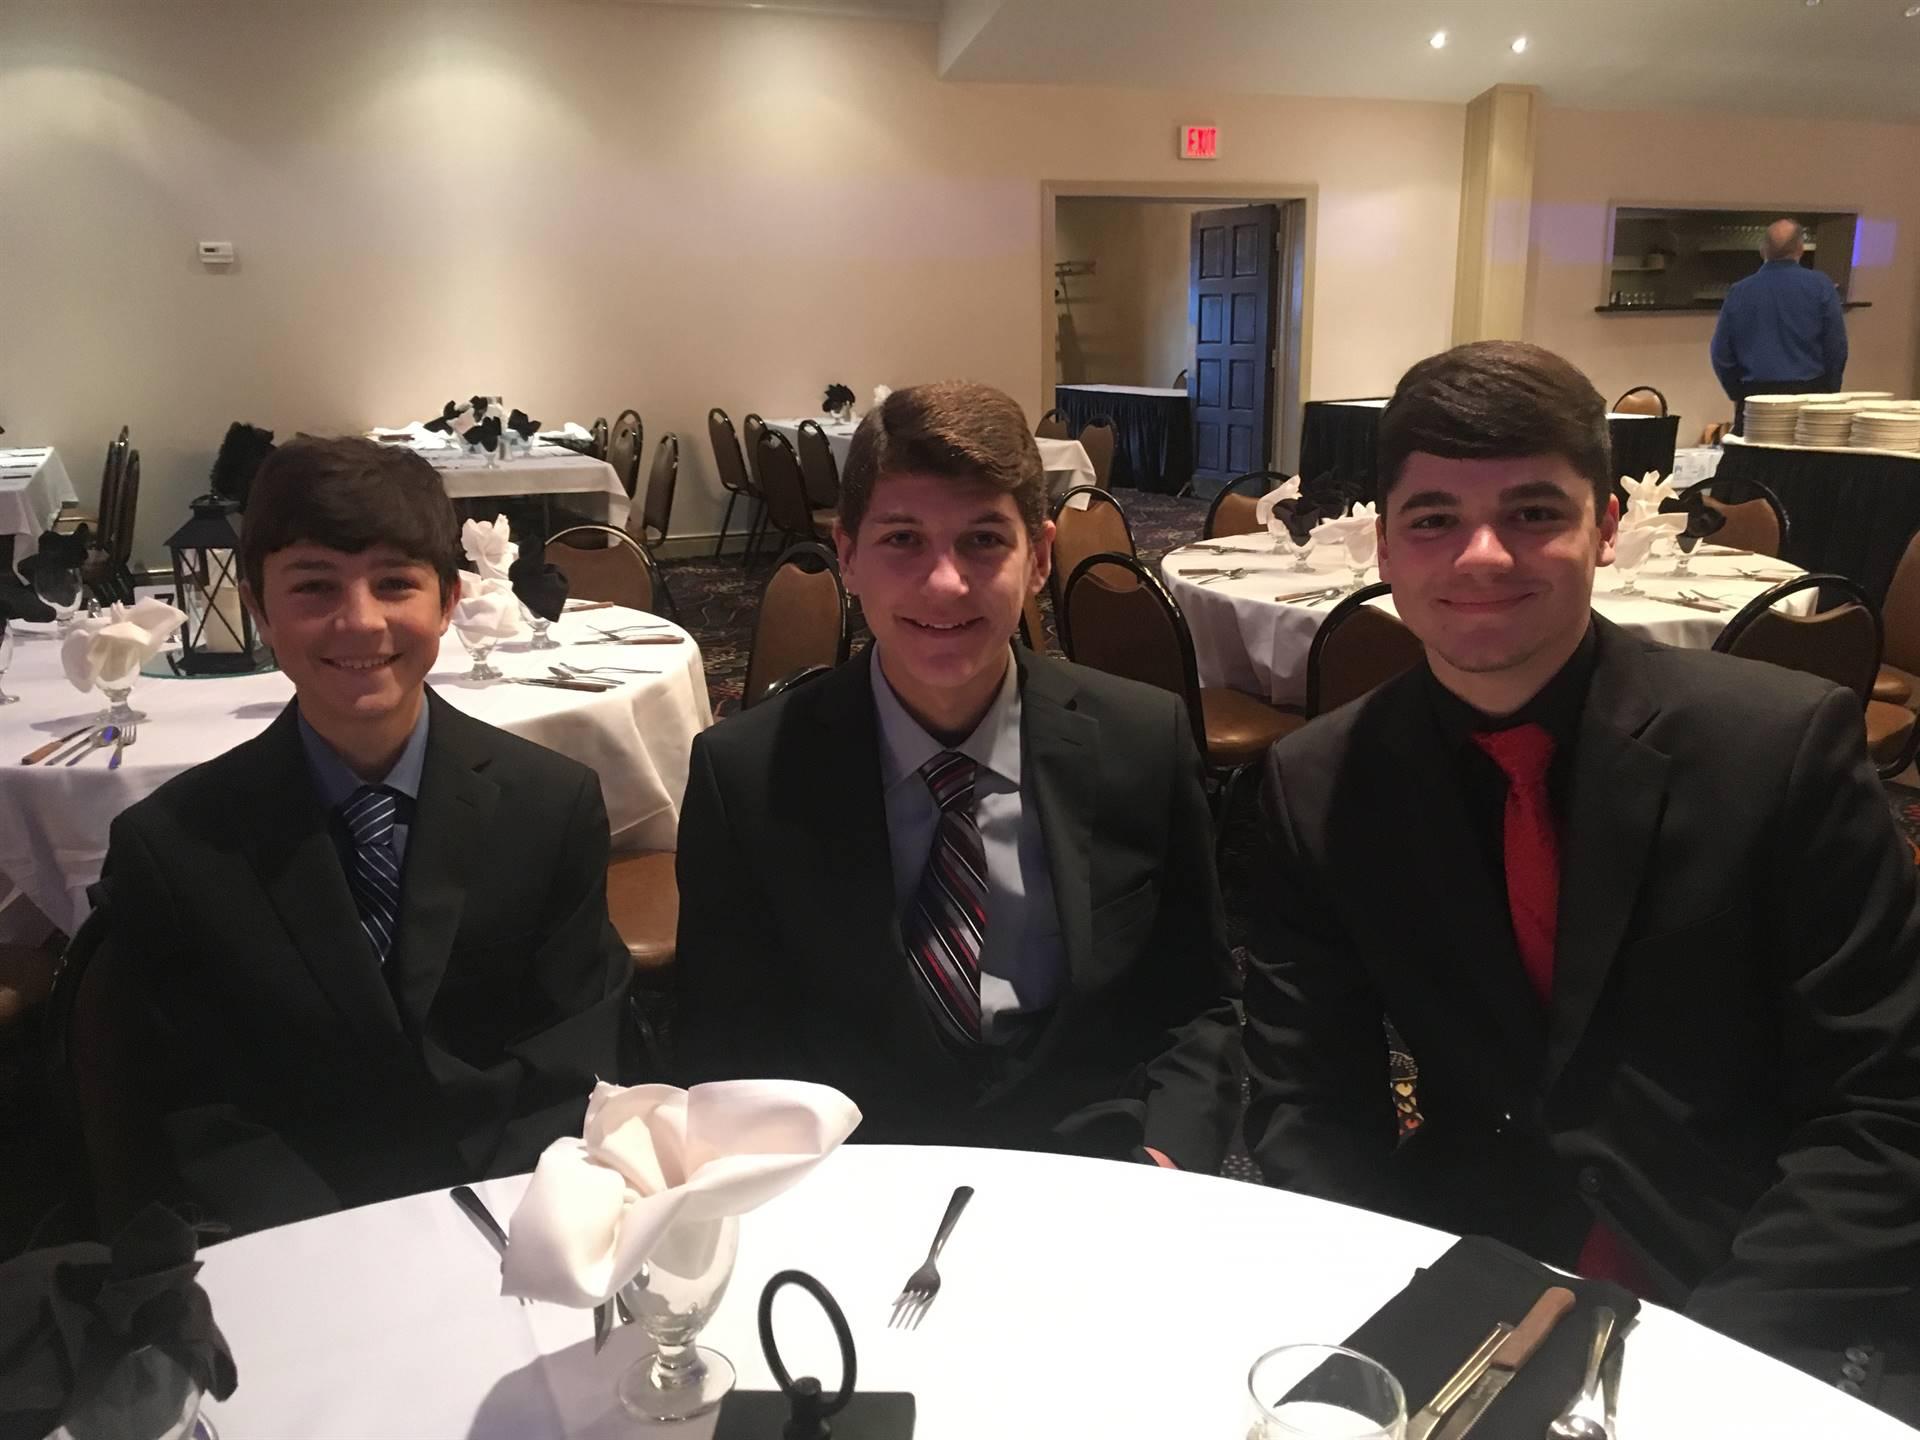 Noah, Zach, and Vinny